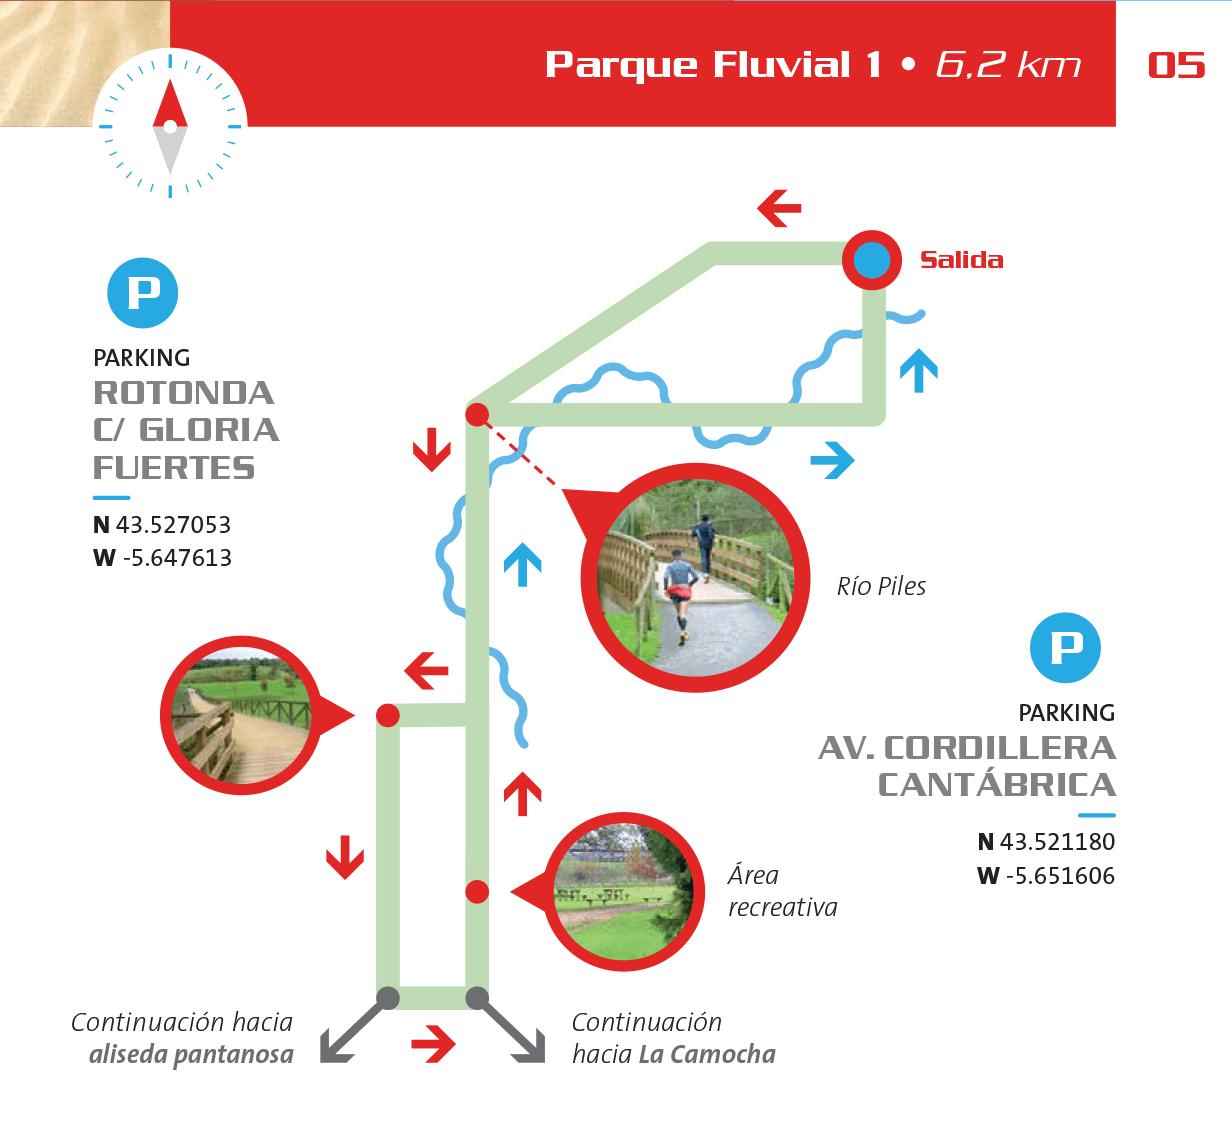 Detalle del circuito en el Parque Fluvial